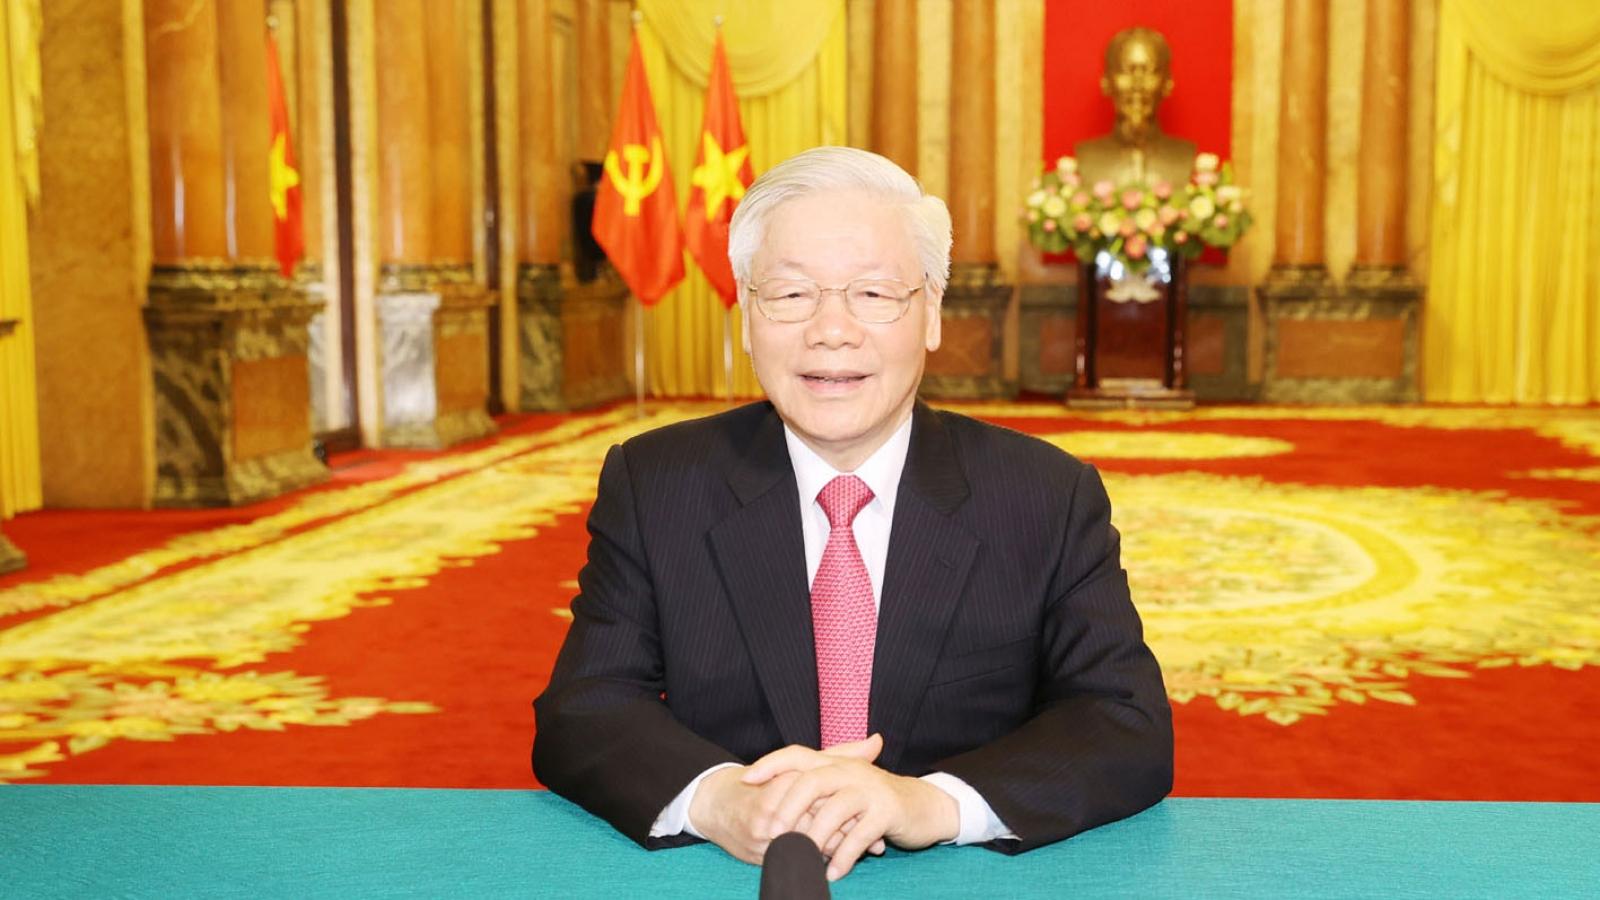 Tổng Bí thư, Chủ tịch nước gửi thông điệp tới Đại hội đồng Liên Hợp Quốc